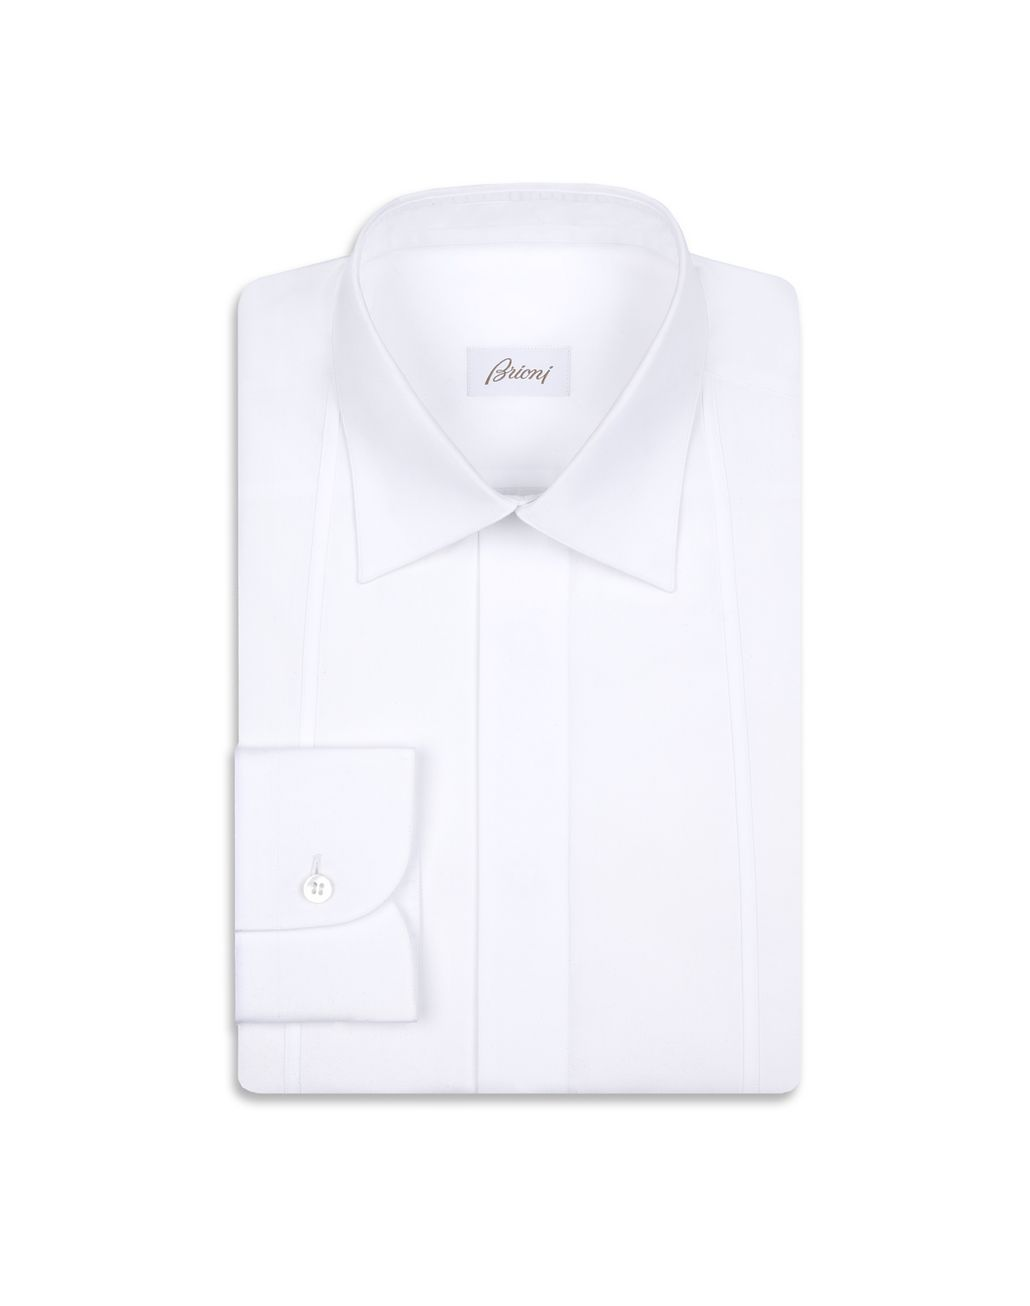 BRIONI Белая Вечерняя Рубашка Классическая рубашка Для Мужчин f